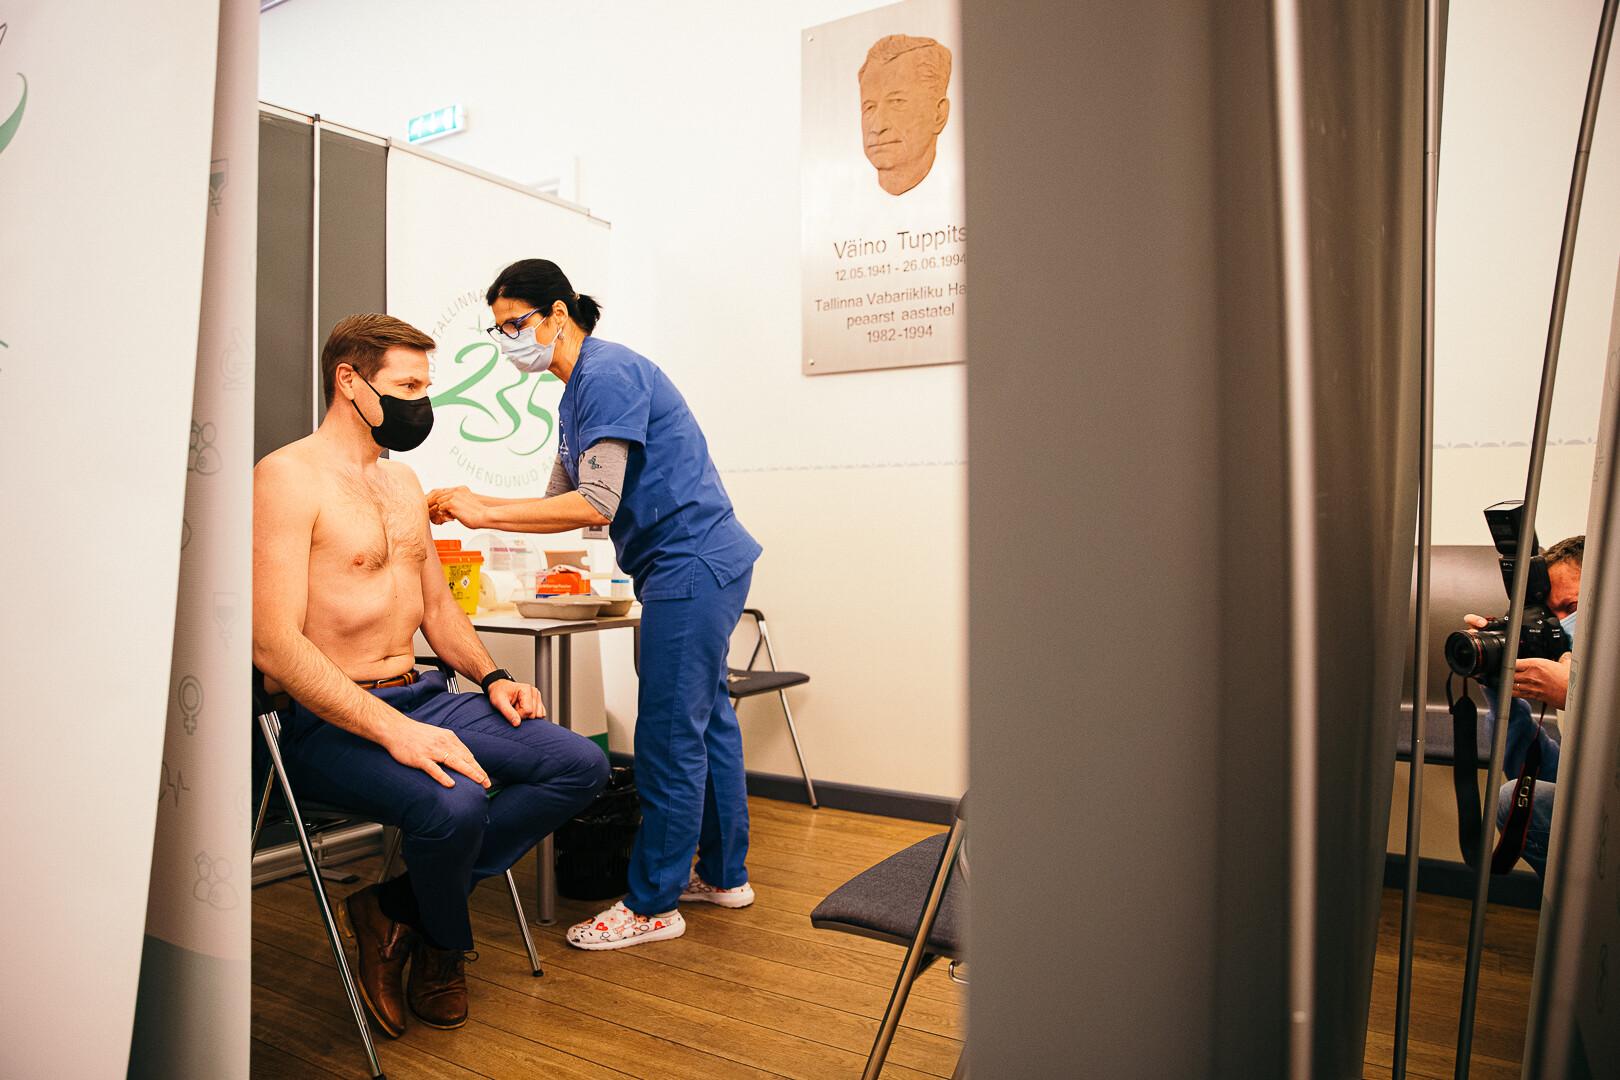 Keskmise suurusega liikme pikkus ja paksus suurendades liikmena haiglates